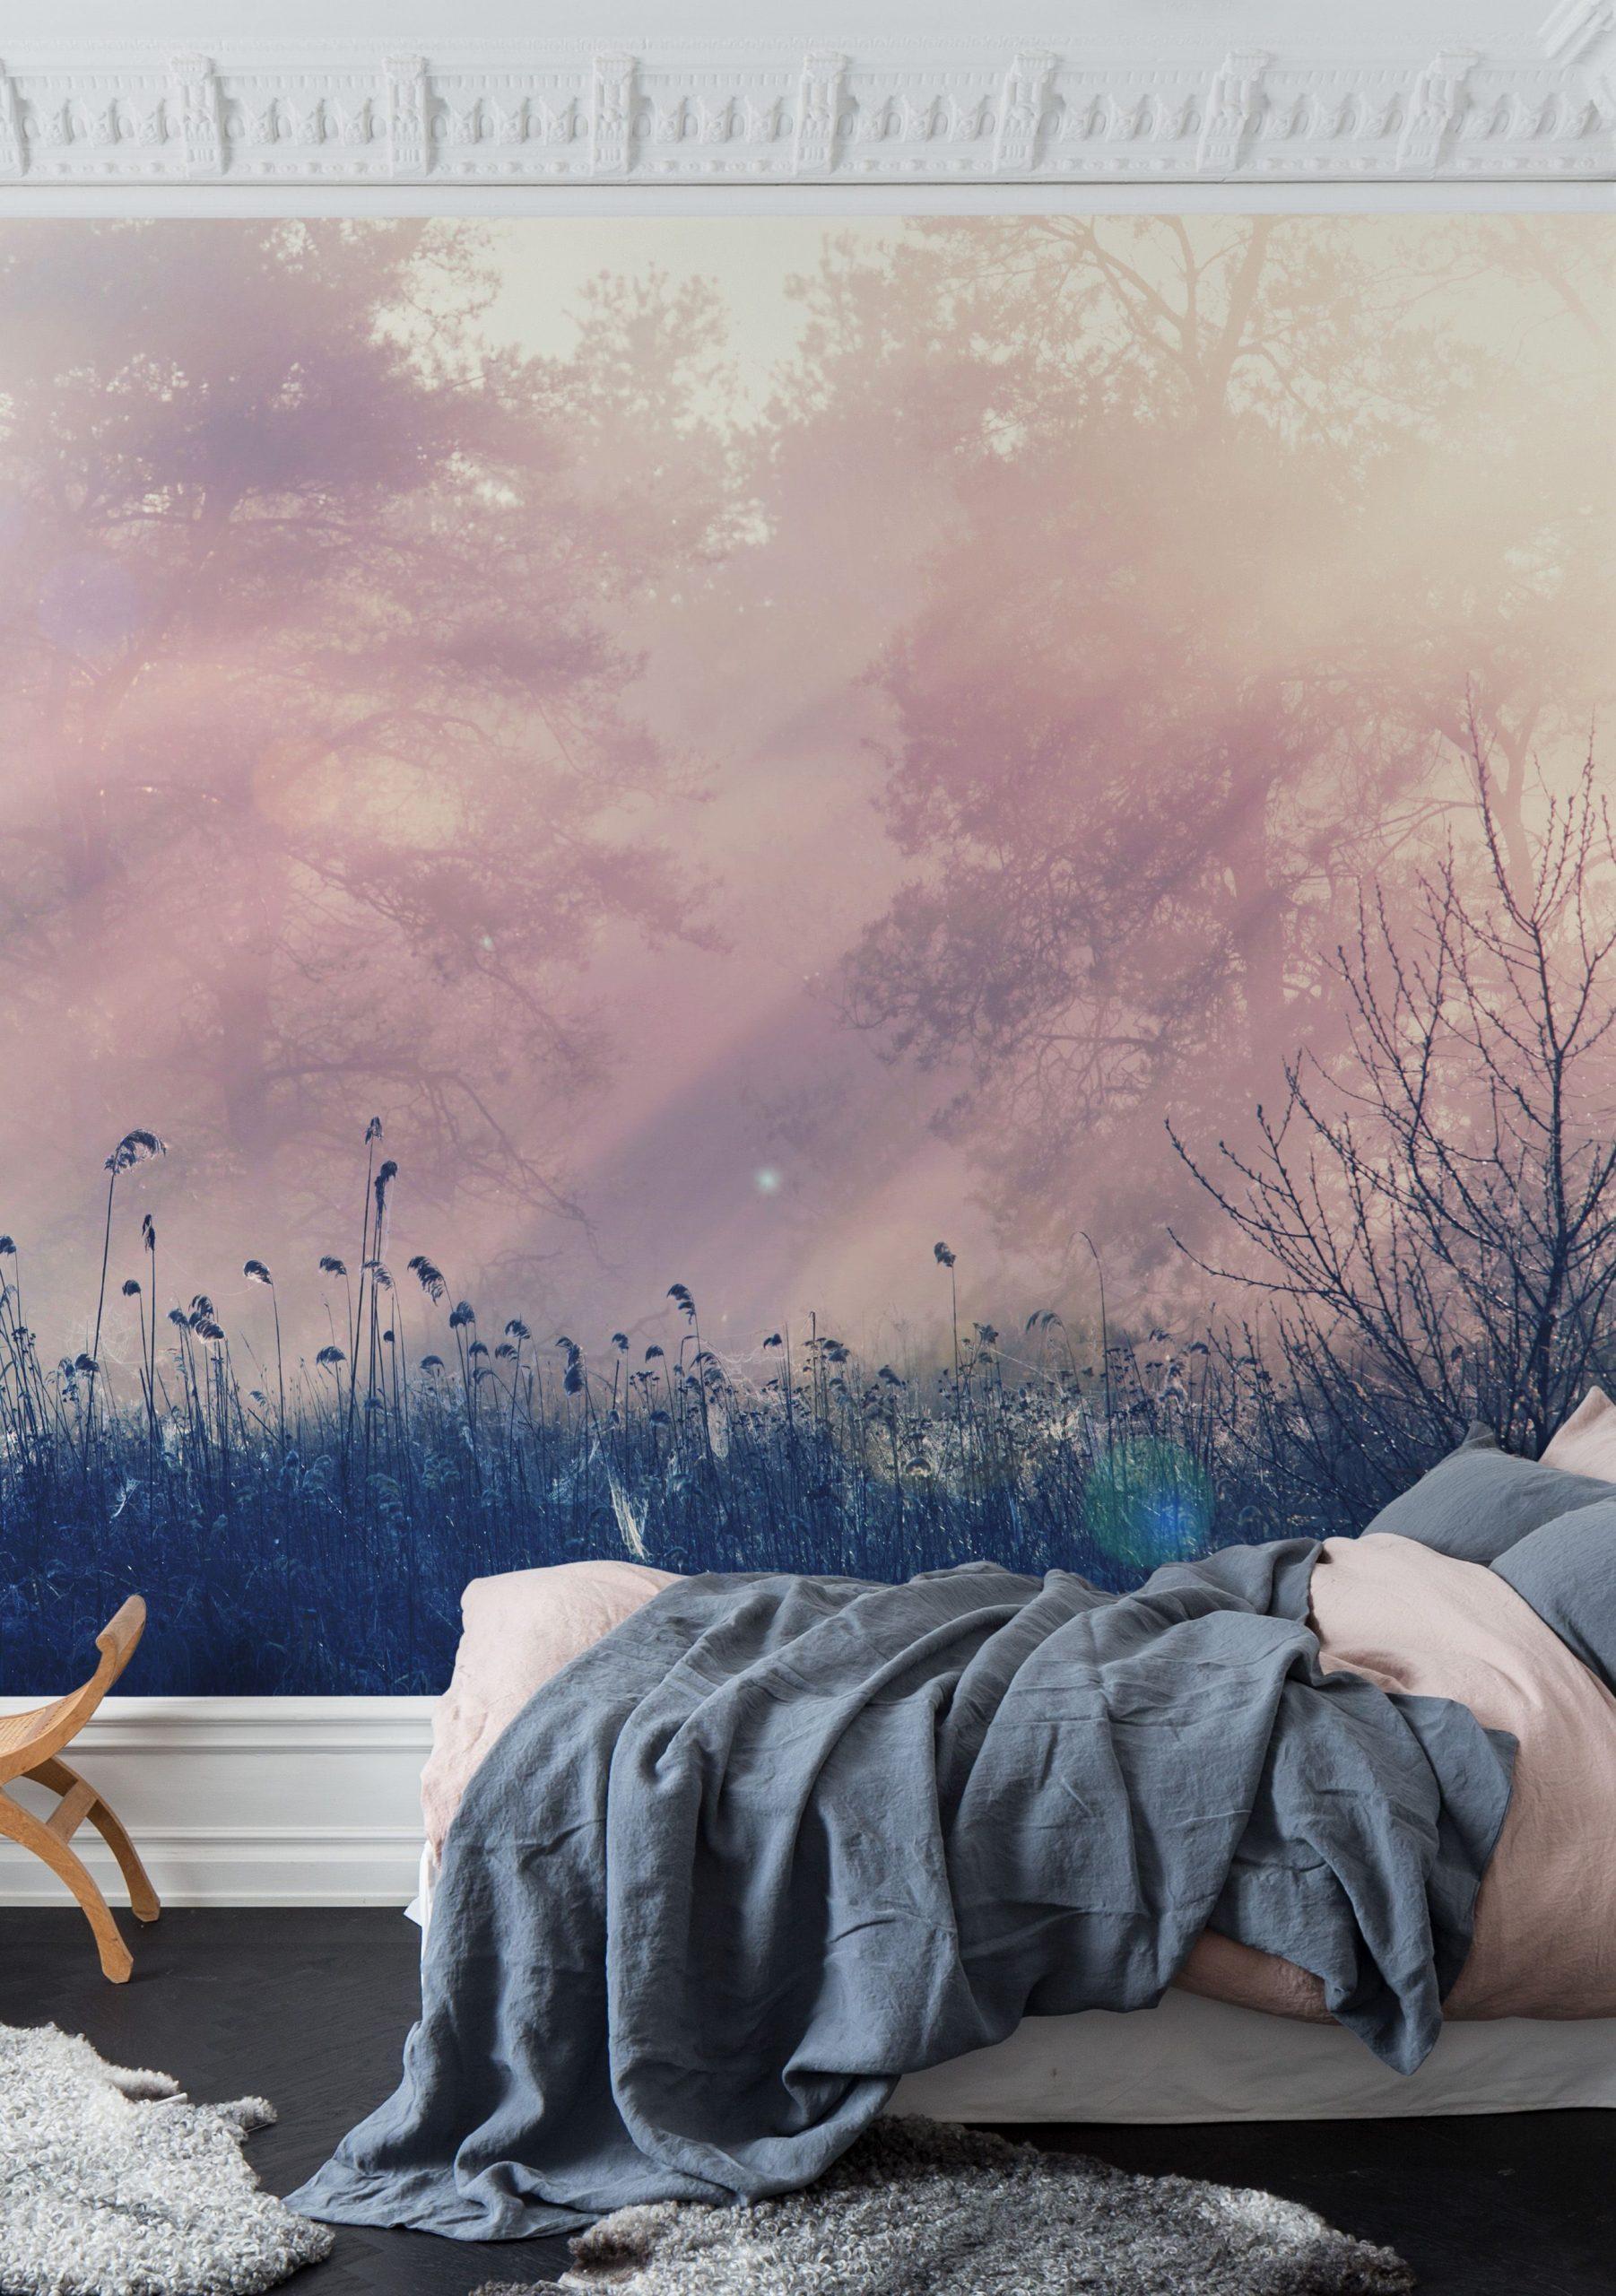 Full Size of Schlafzimmer Tapeten Pink Dawn In 2020 Tapete Für Küche Rauch Günstige Komplett Die Schrank Landhausstil Weiß Truhe Wiemann Deckenleuchten Stuhl Wandbilder Wohnzimmer Schlafzimmer Tapeten